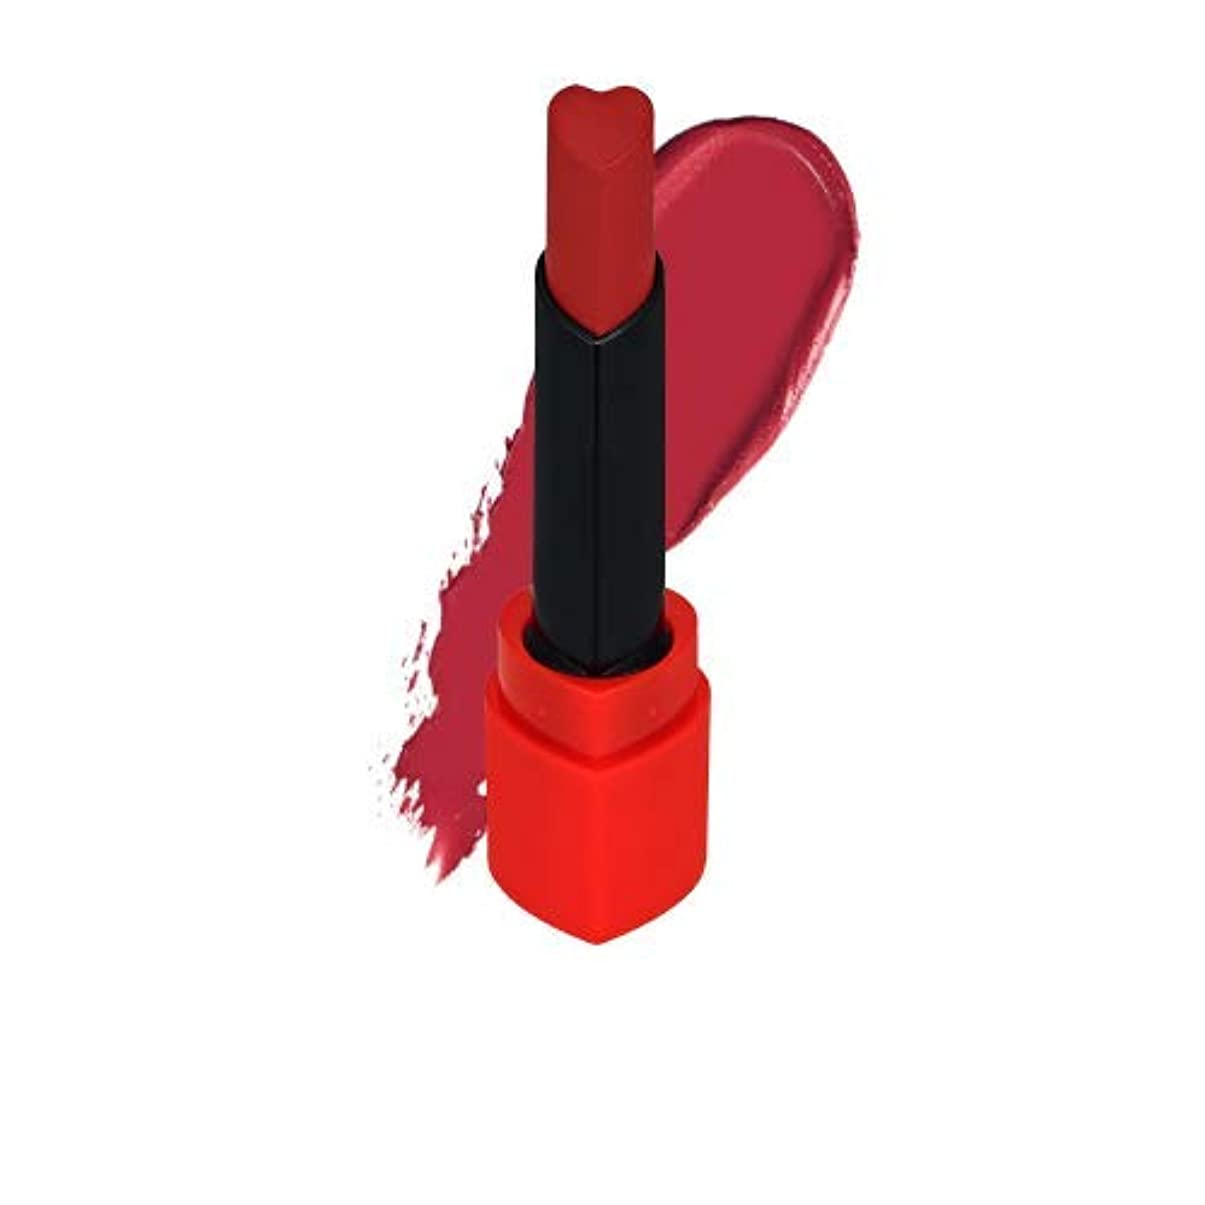 スカーフむさぼり食う王室ホリカホリカ ハートクラッシュ?メルティング?リップスティック HOLIKA HOLIKA Heart Crush Melting Lipstick 1.8g (# BE03 SALT CARAMEL) [並行輸入品]